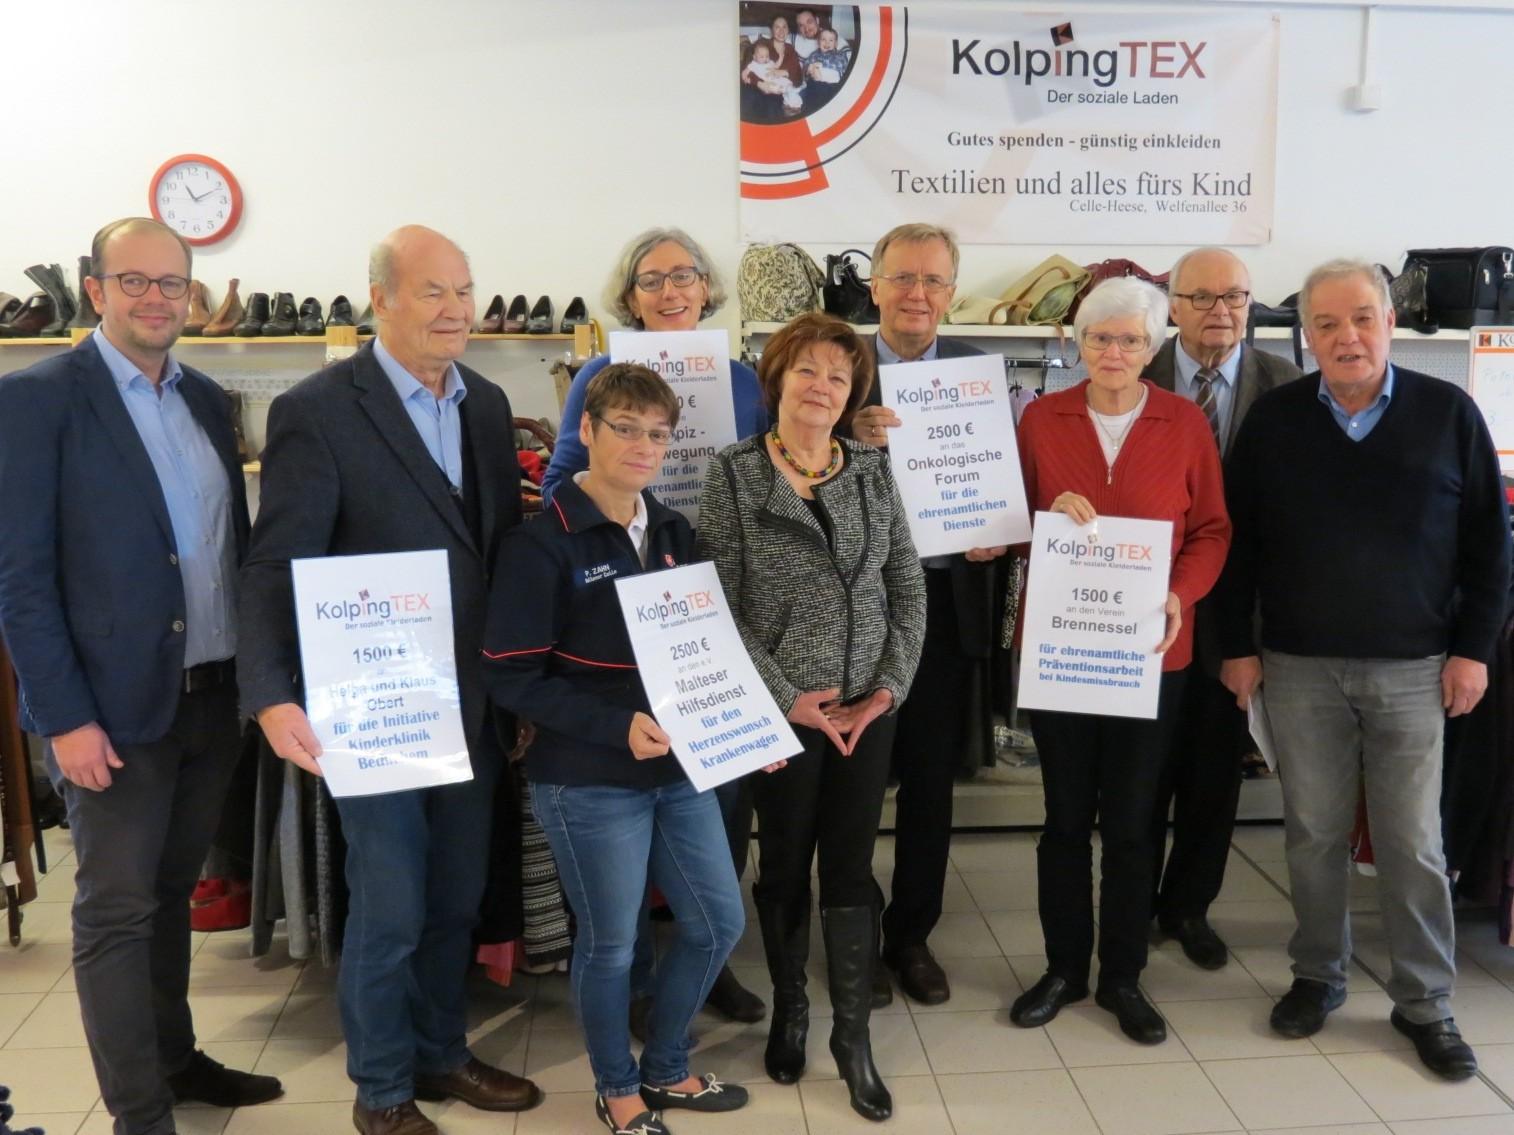 Spendenaktion: KolpingTEX aus Celle hilft kranken Menschen